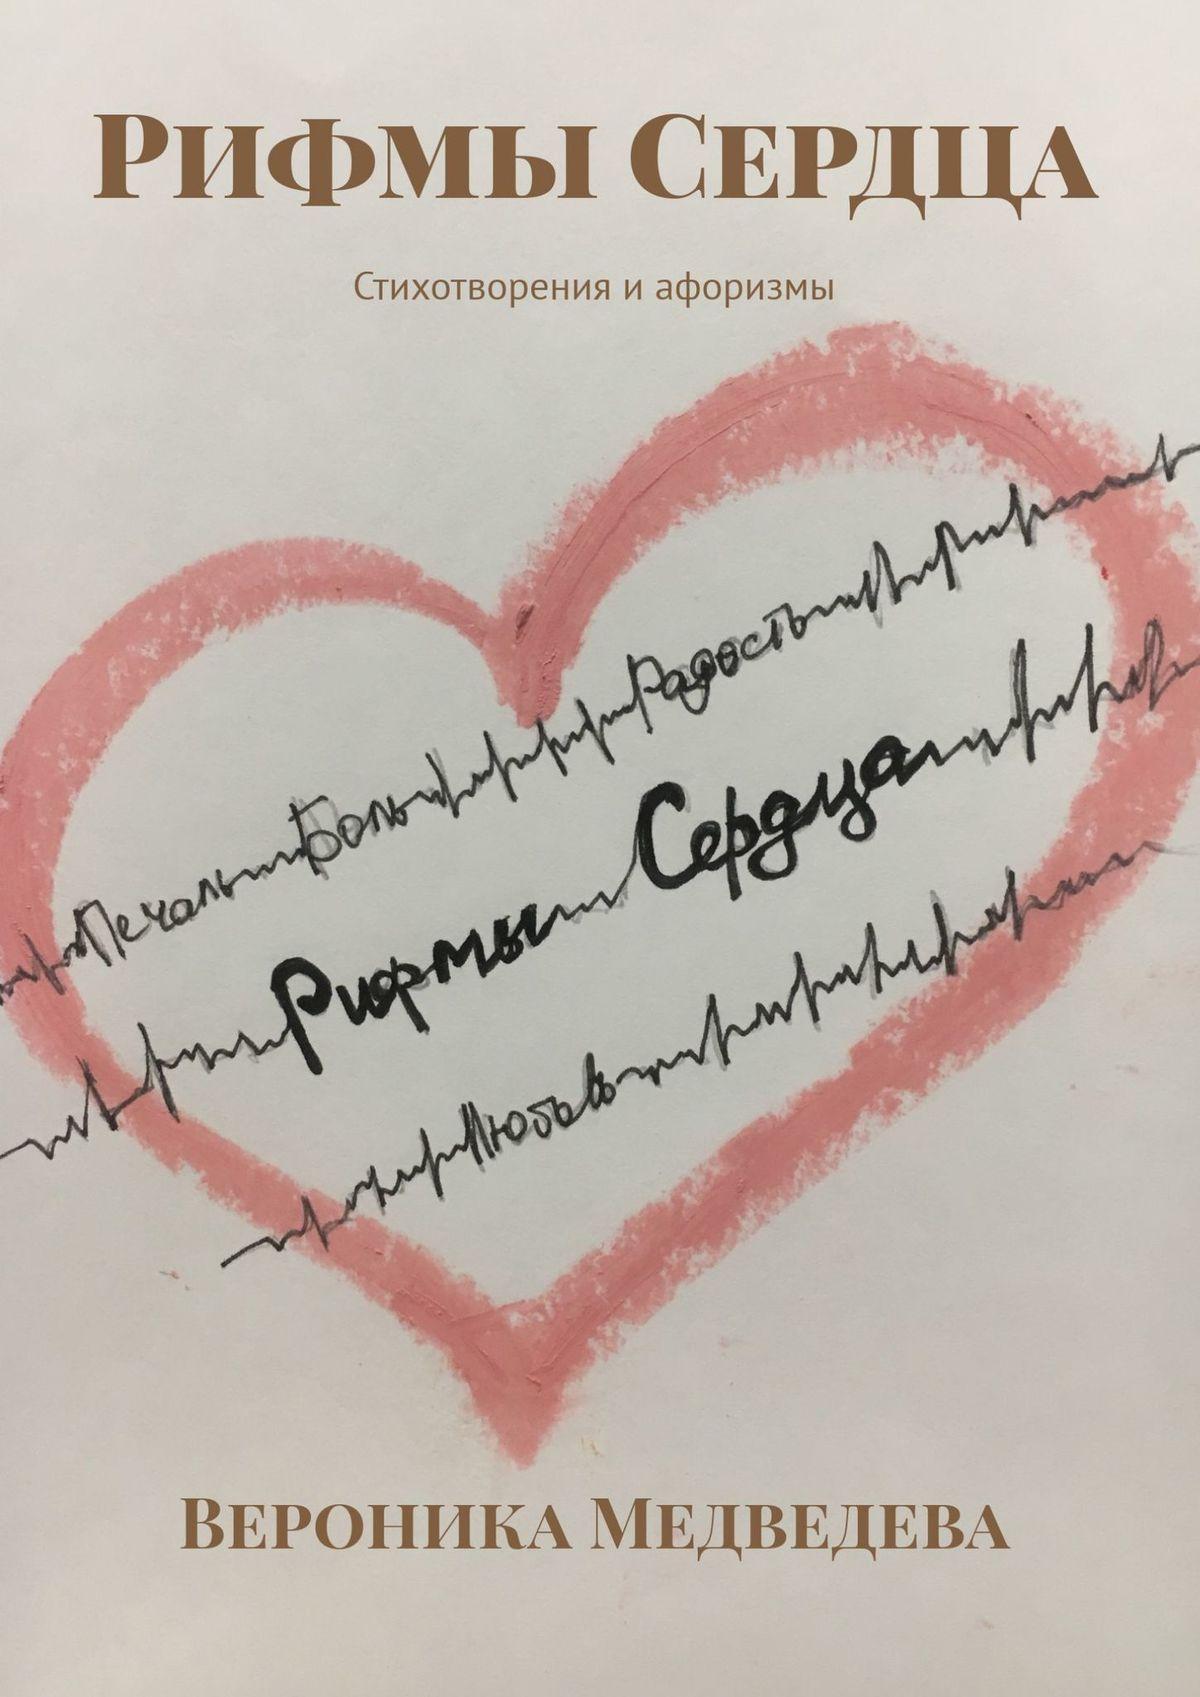 Вероника Медведева Рифмы Сердца. Стихотворения иафоризмы neyrra strong обжигающие рифмы